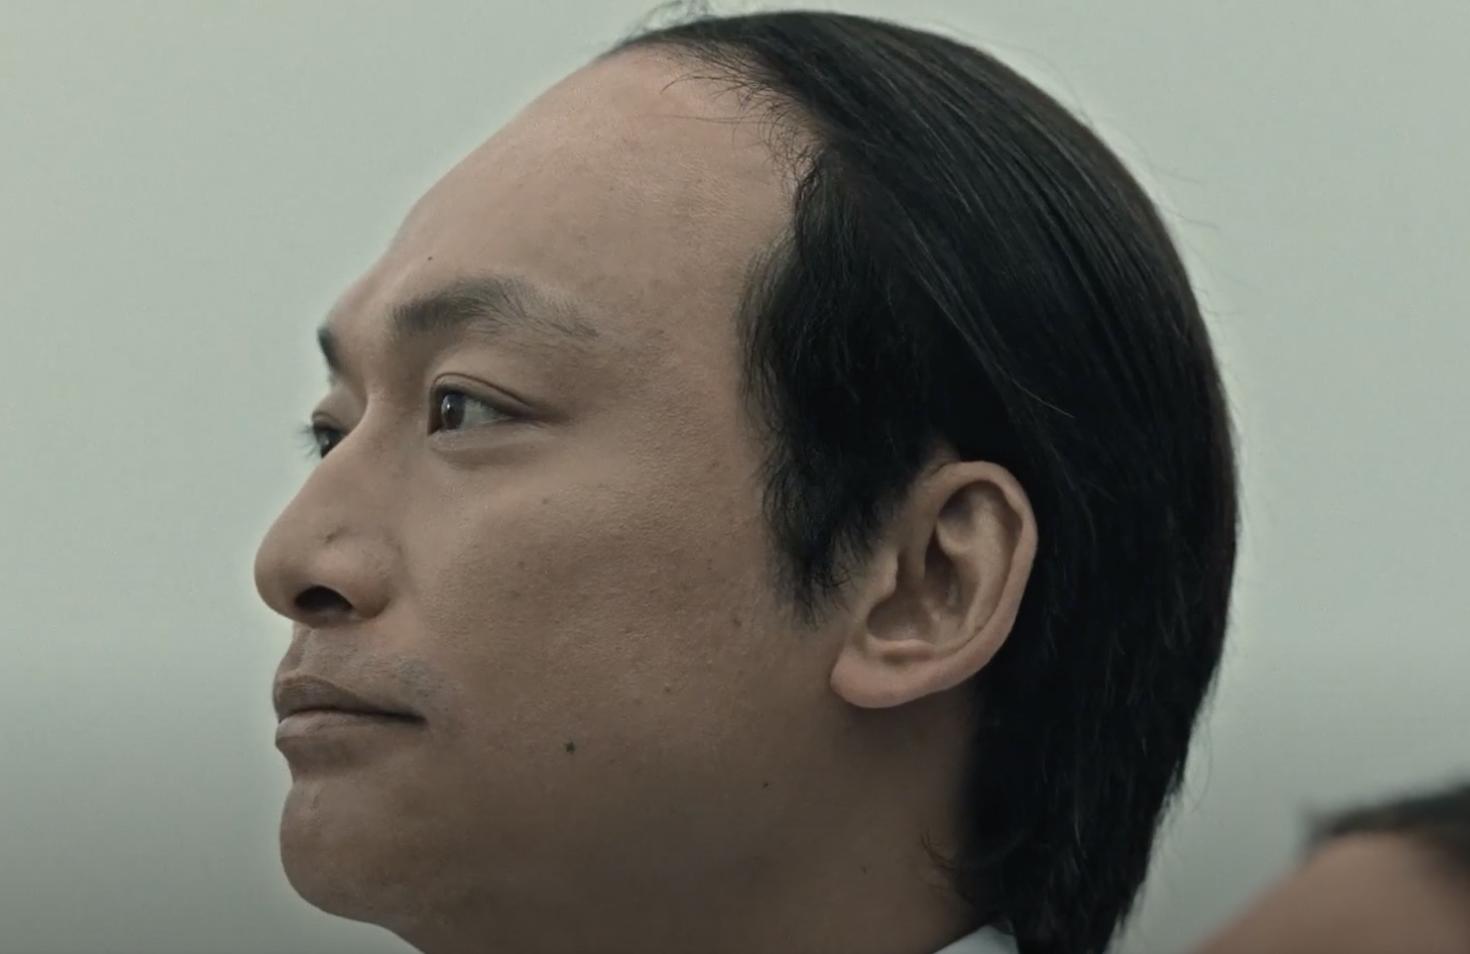 スカルプDの2020年10月最新CMでオールバック姿の香取慎吾の画像